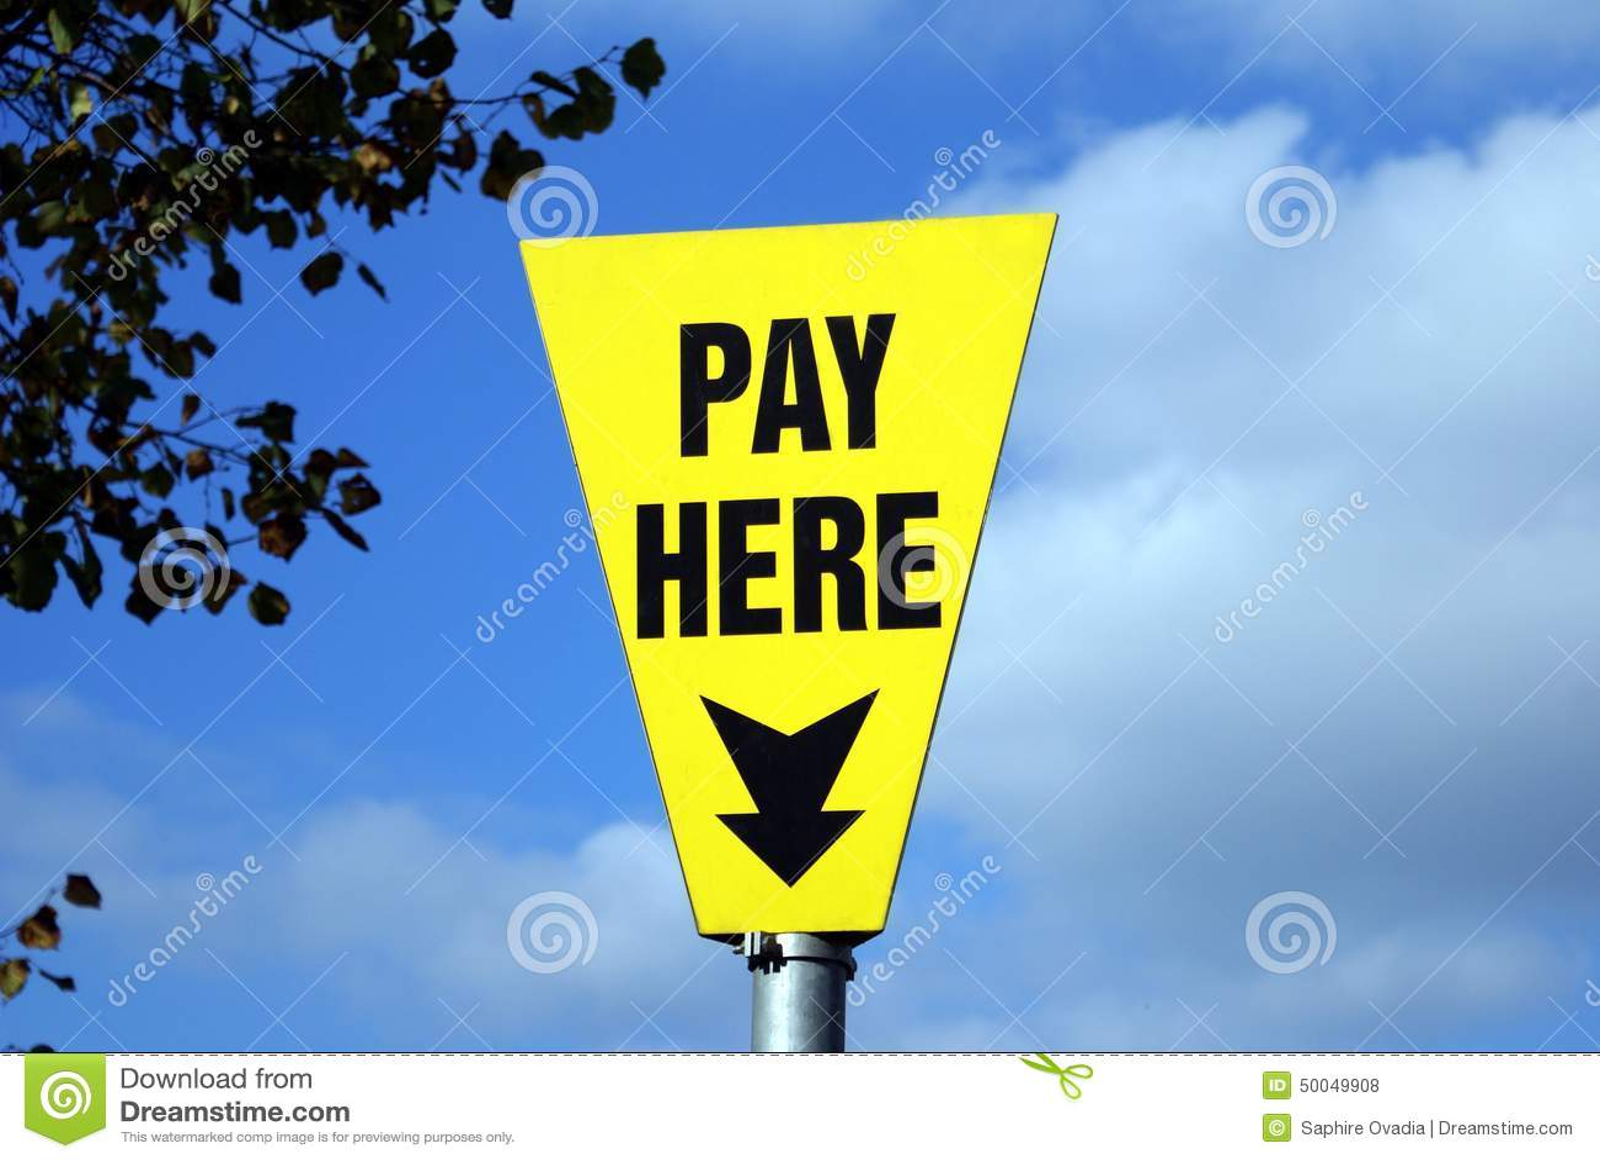 这里工资符号 一个标志在公众的停车场能支付.图片